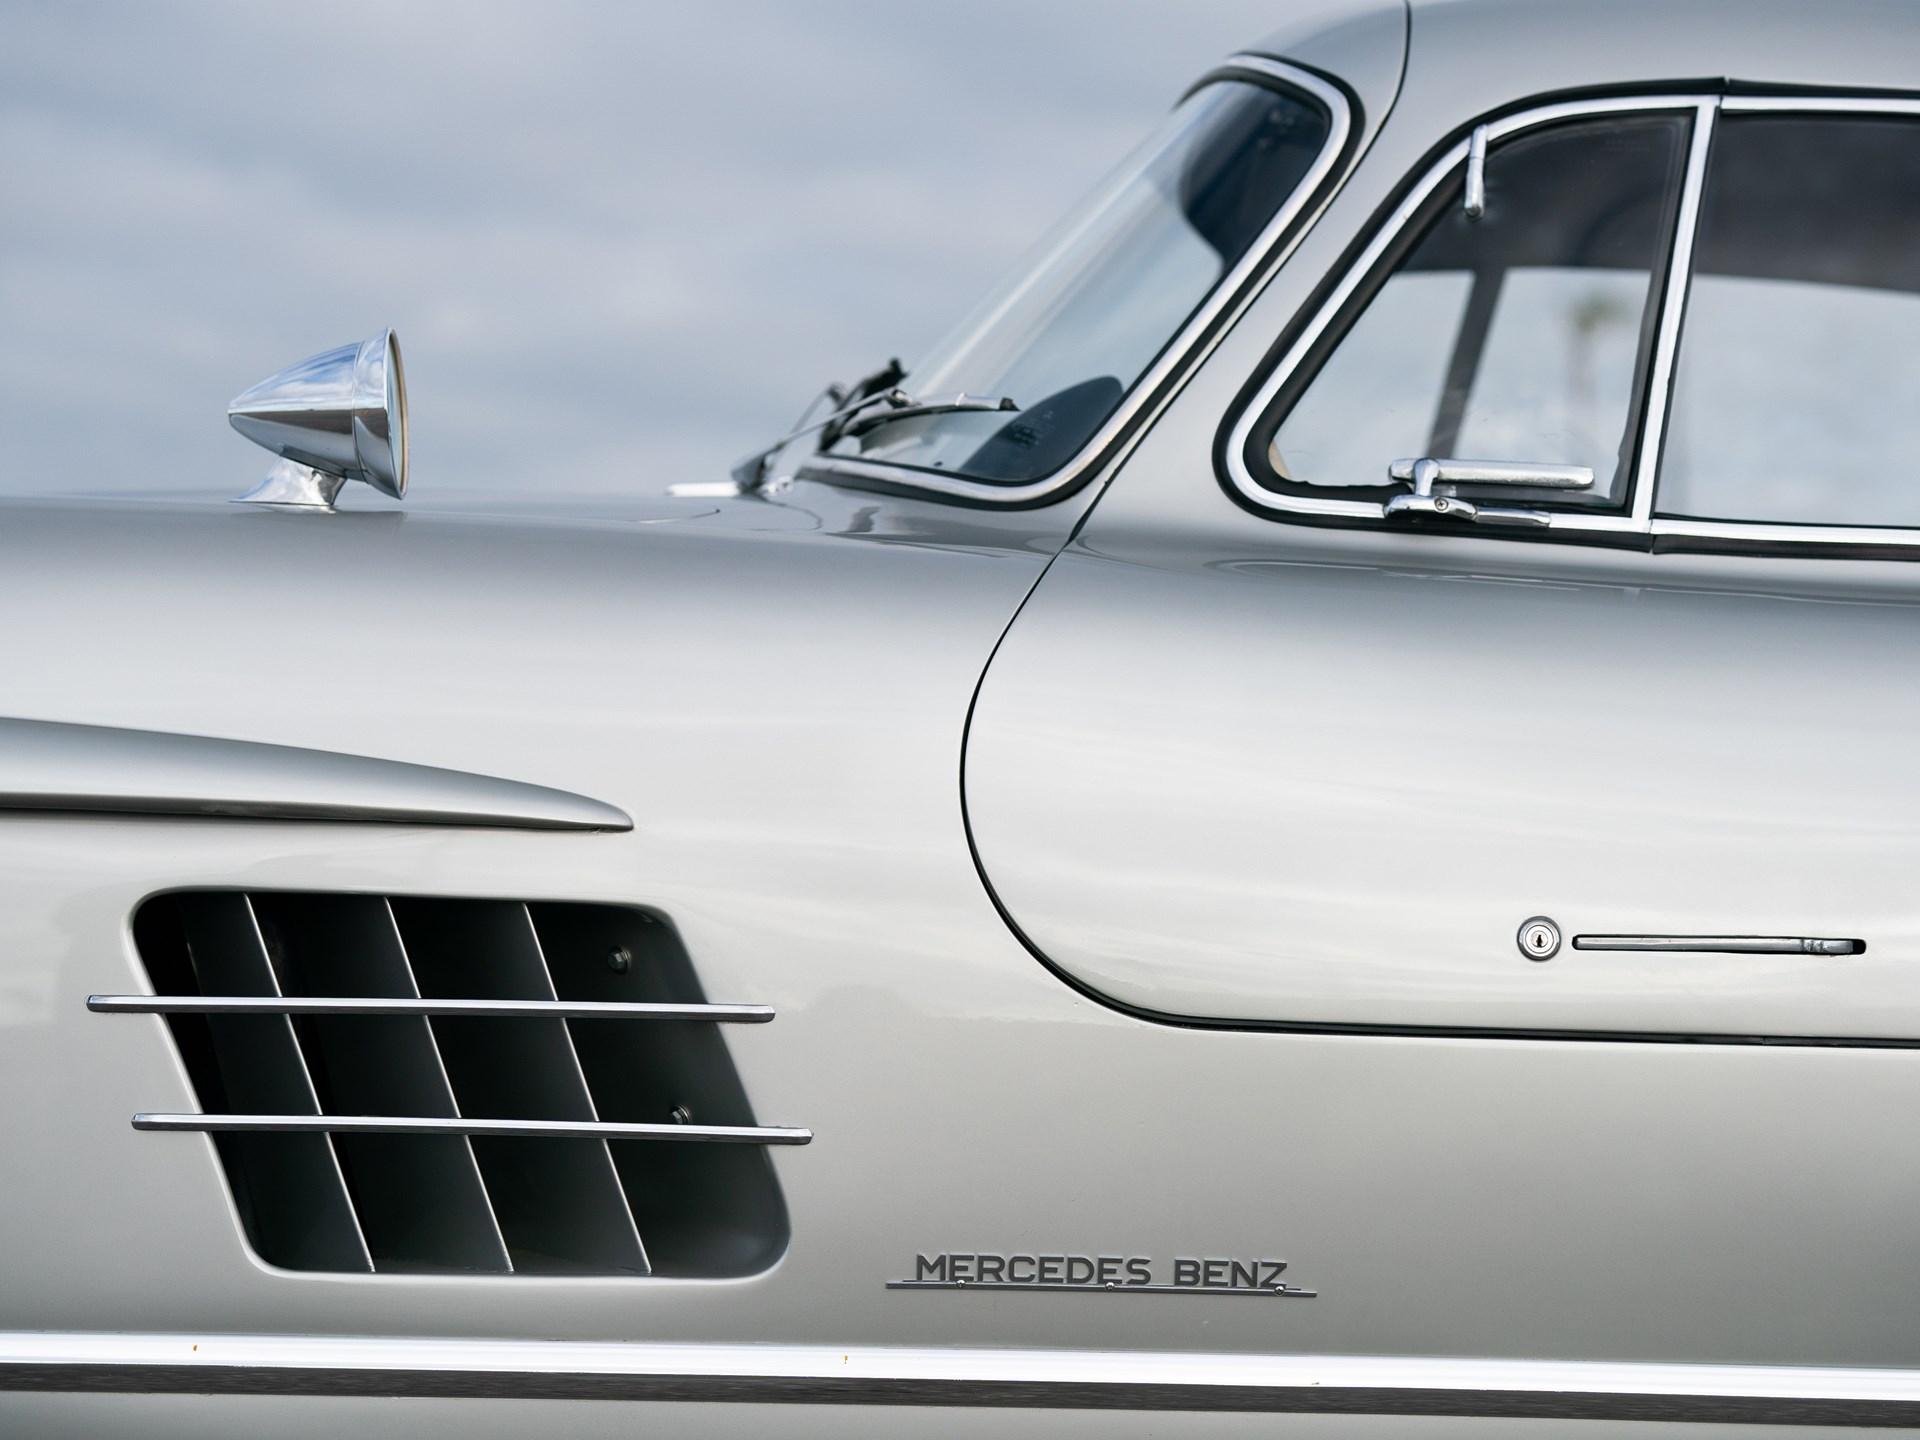 1955 Mercedes-Benz 300 SL Gullwing side vent detail